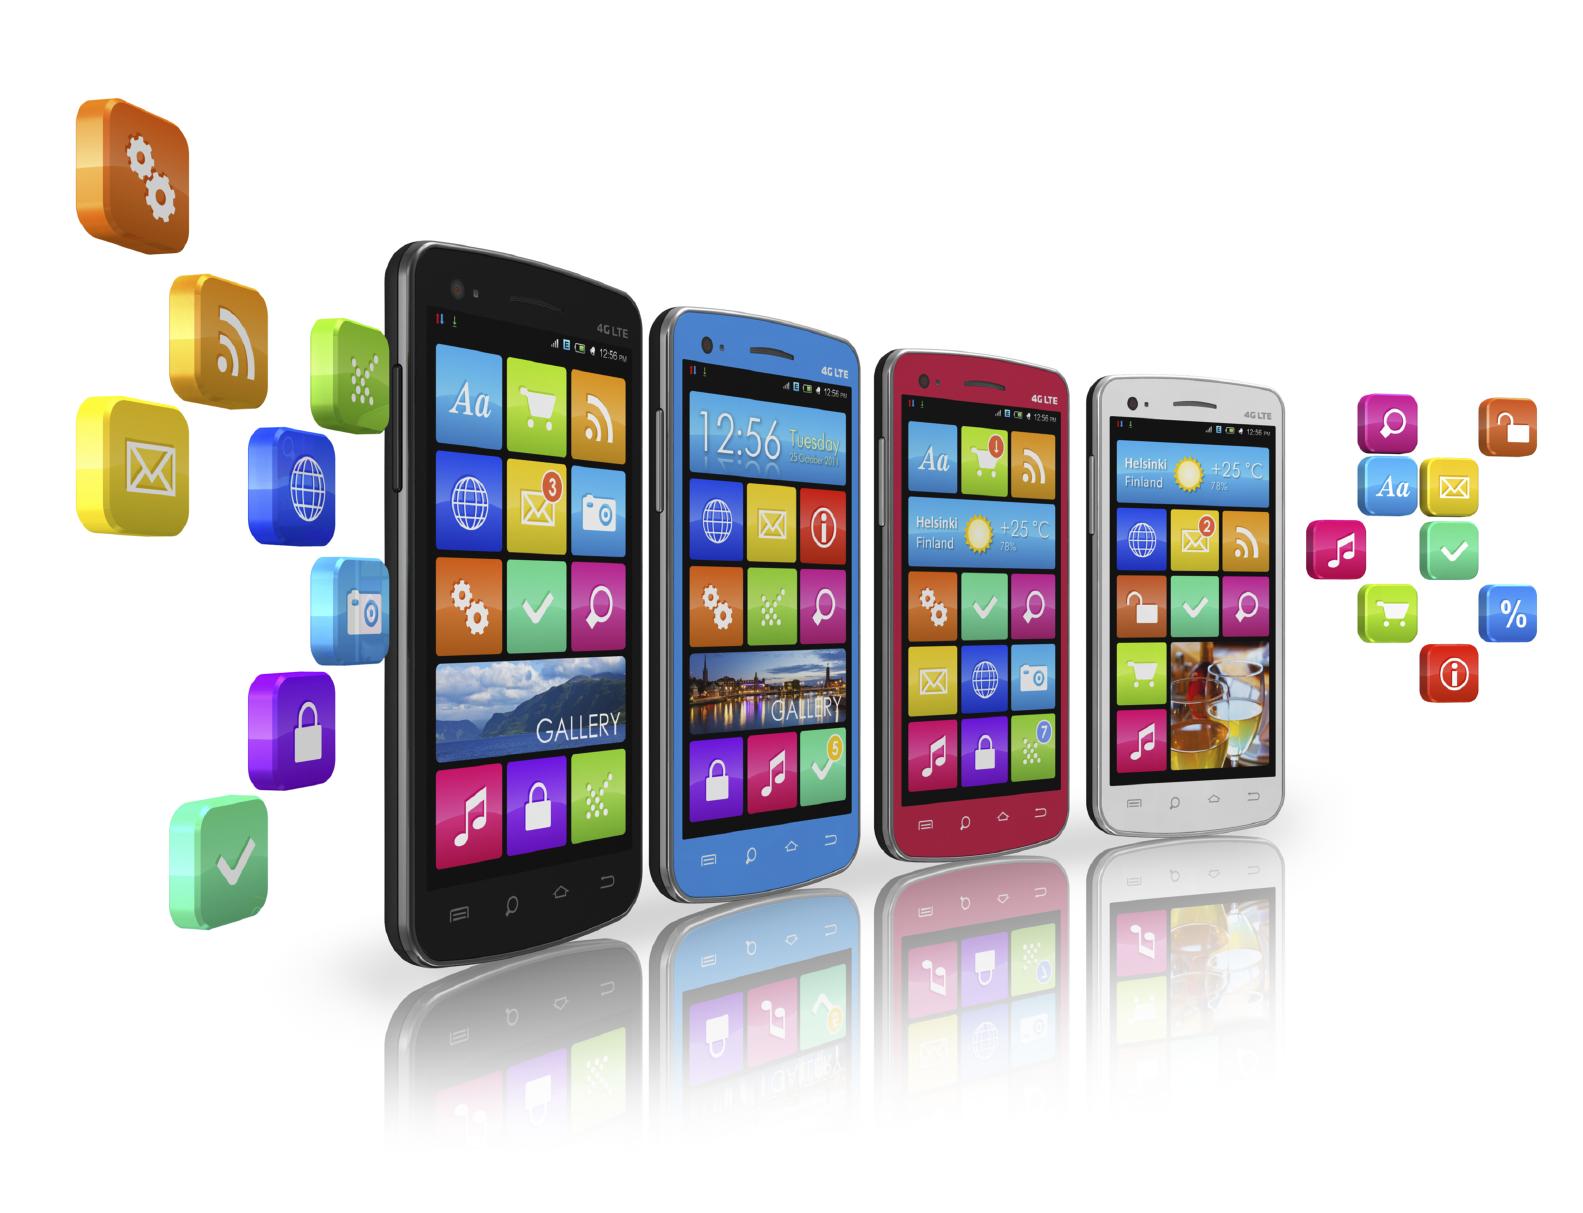 باشگاه خبرنگاران -جدیدترین قیمت روز انواع گوشی موبایل در بازار + جدول